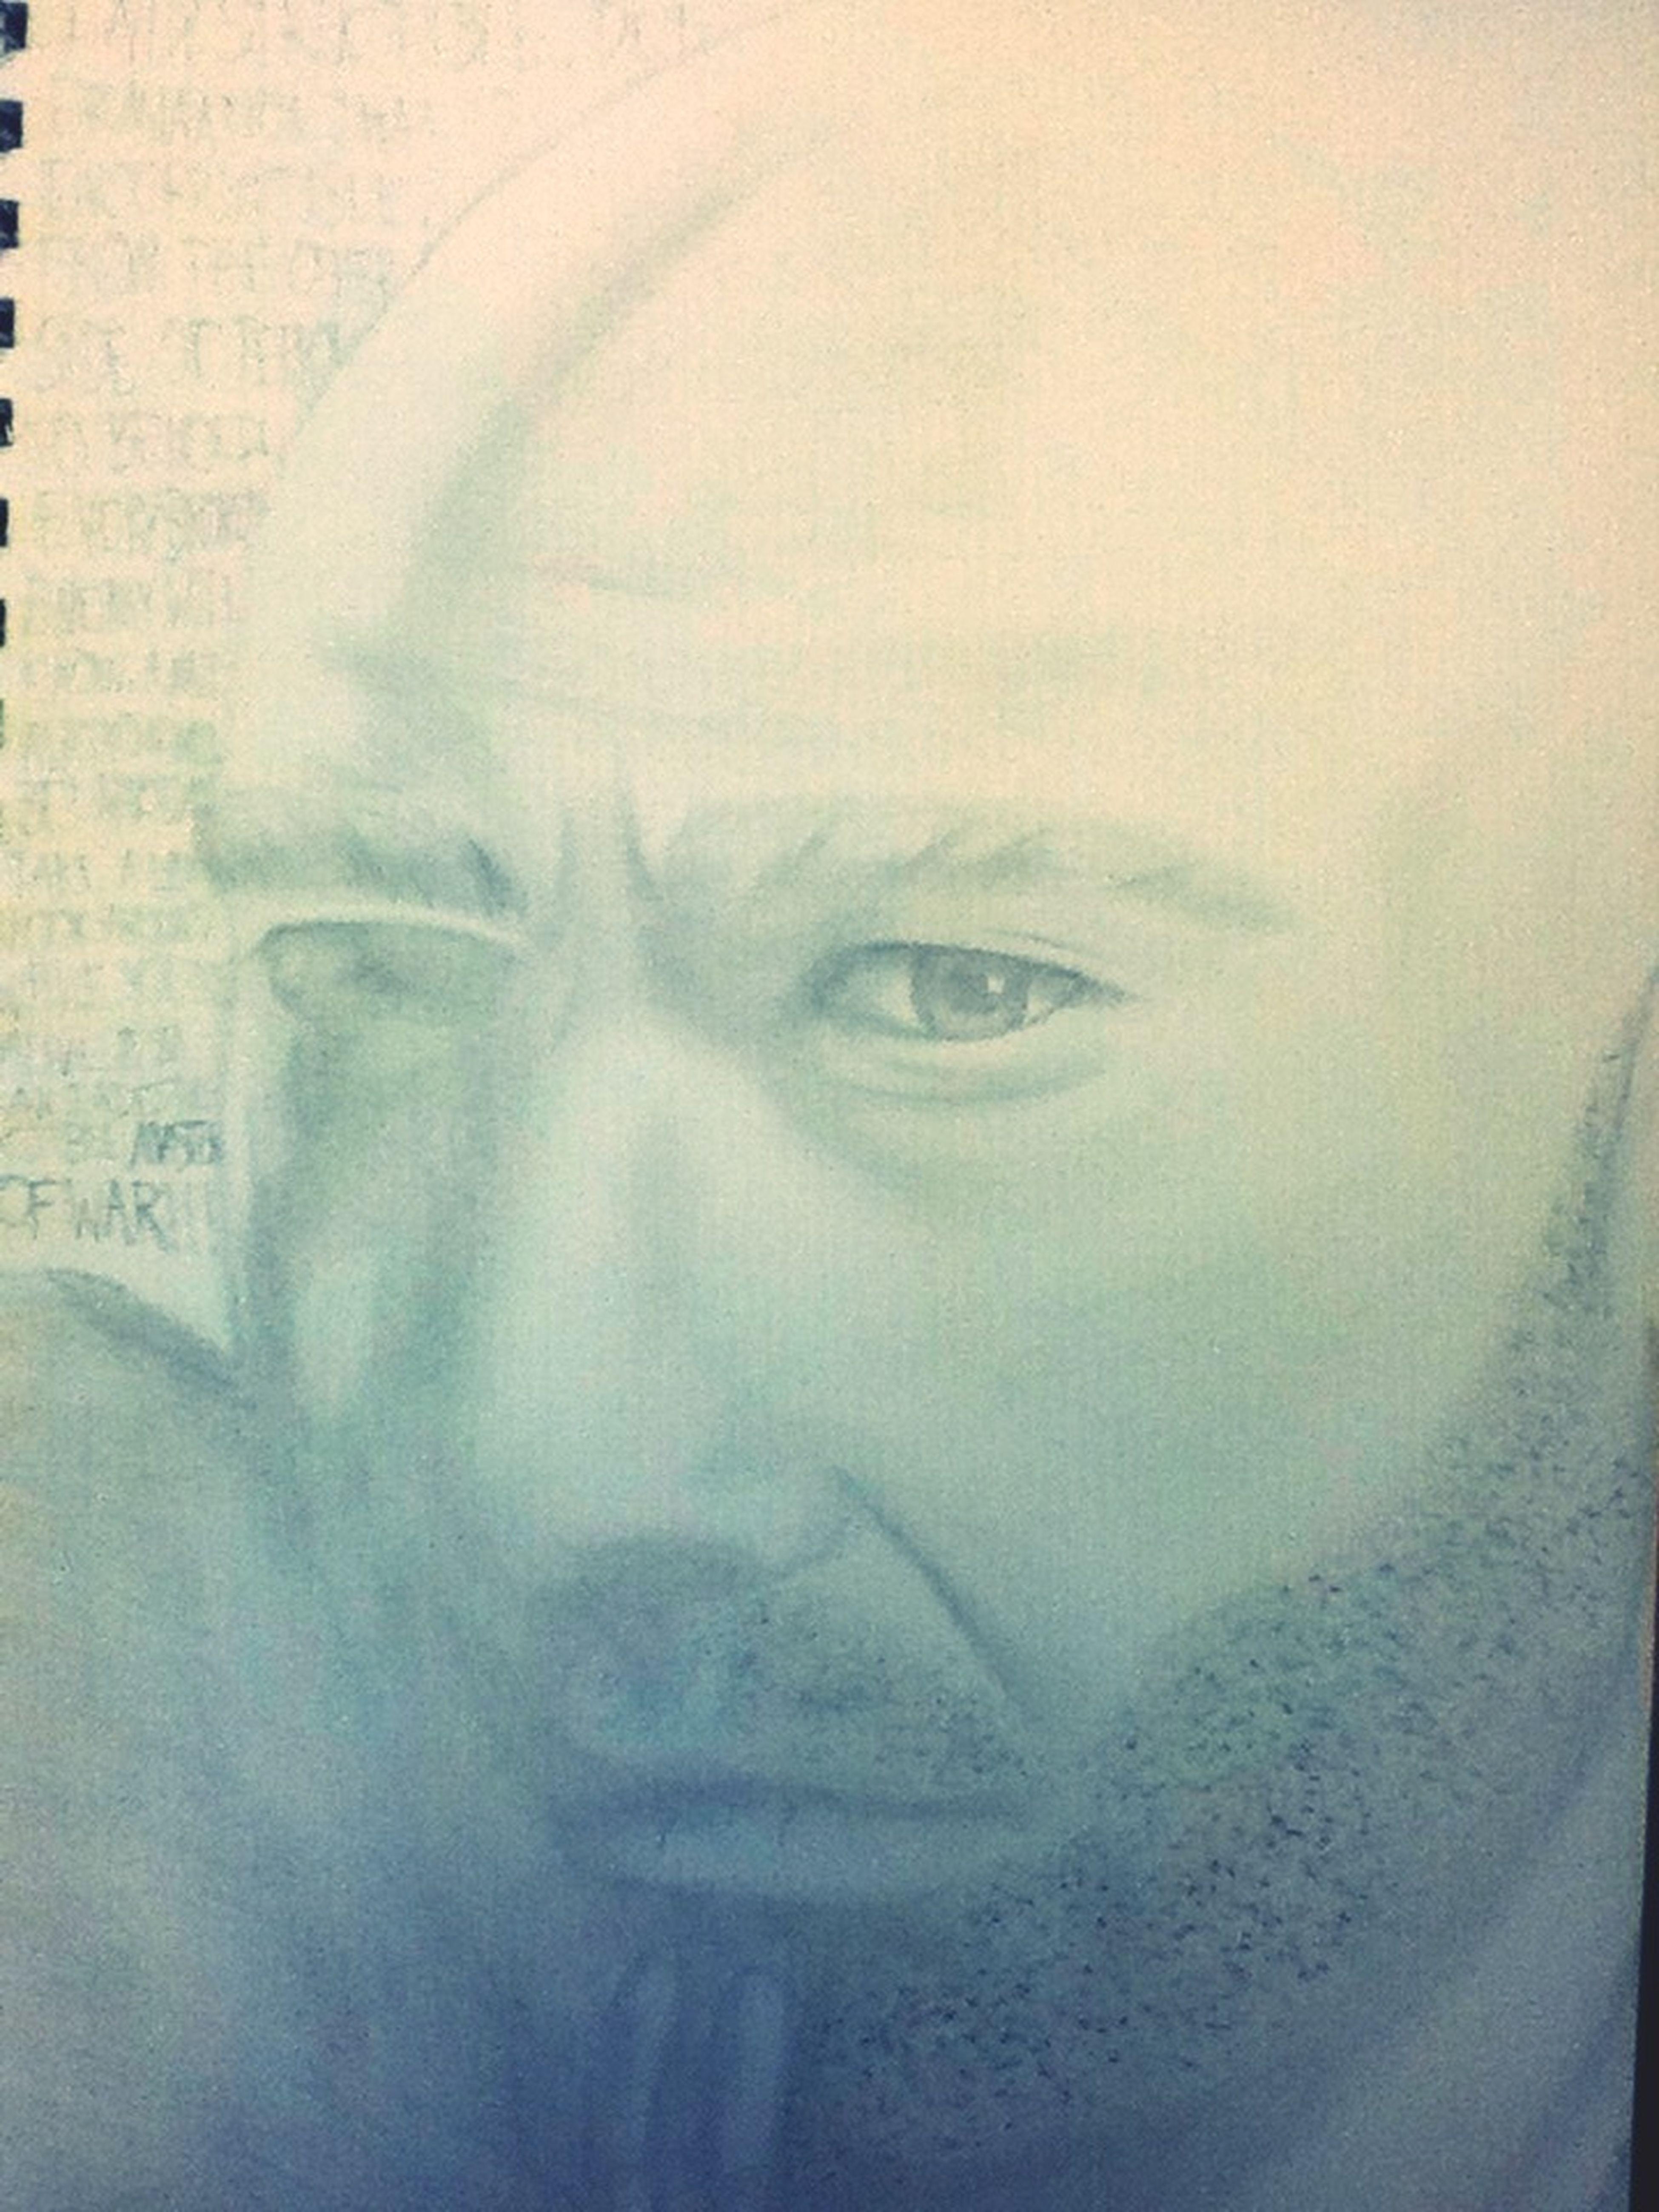 Portrait of David Draiman Art Drawing Metal \m/ Disturbed